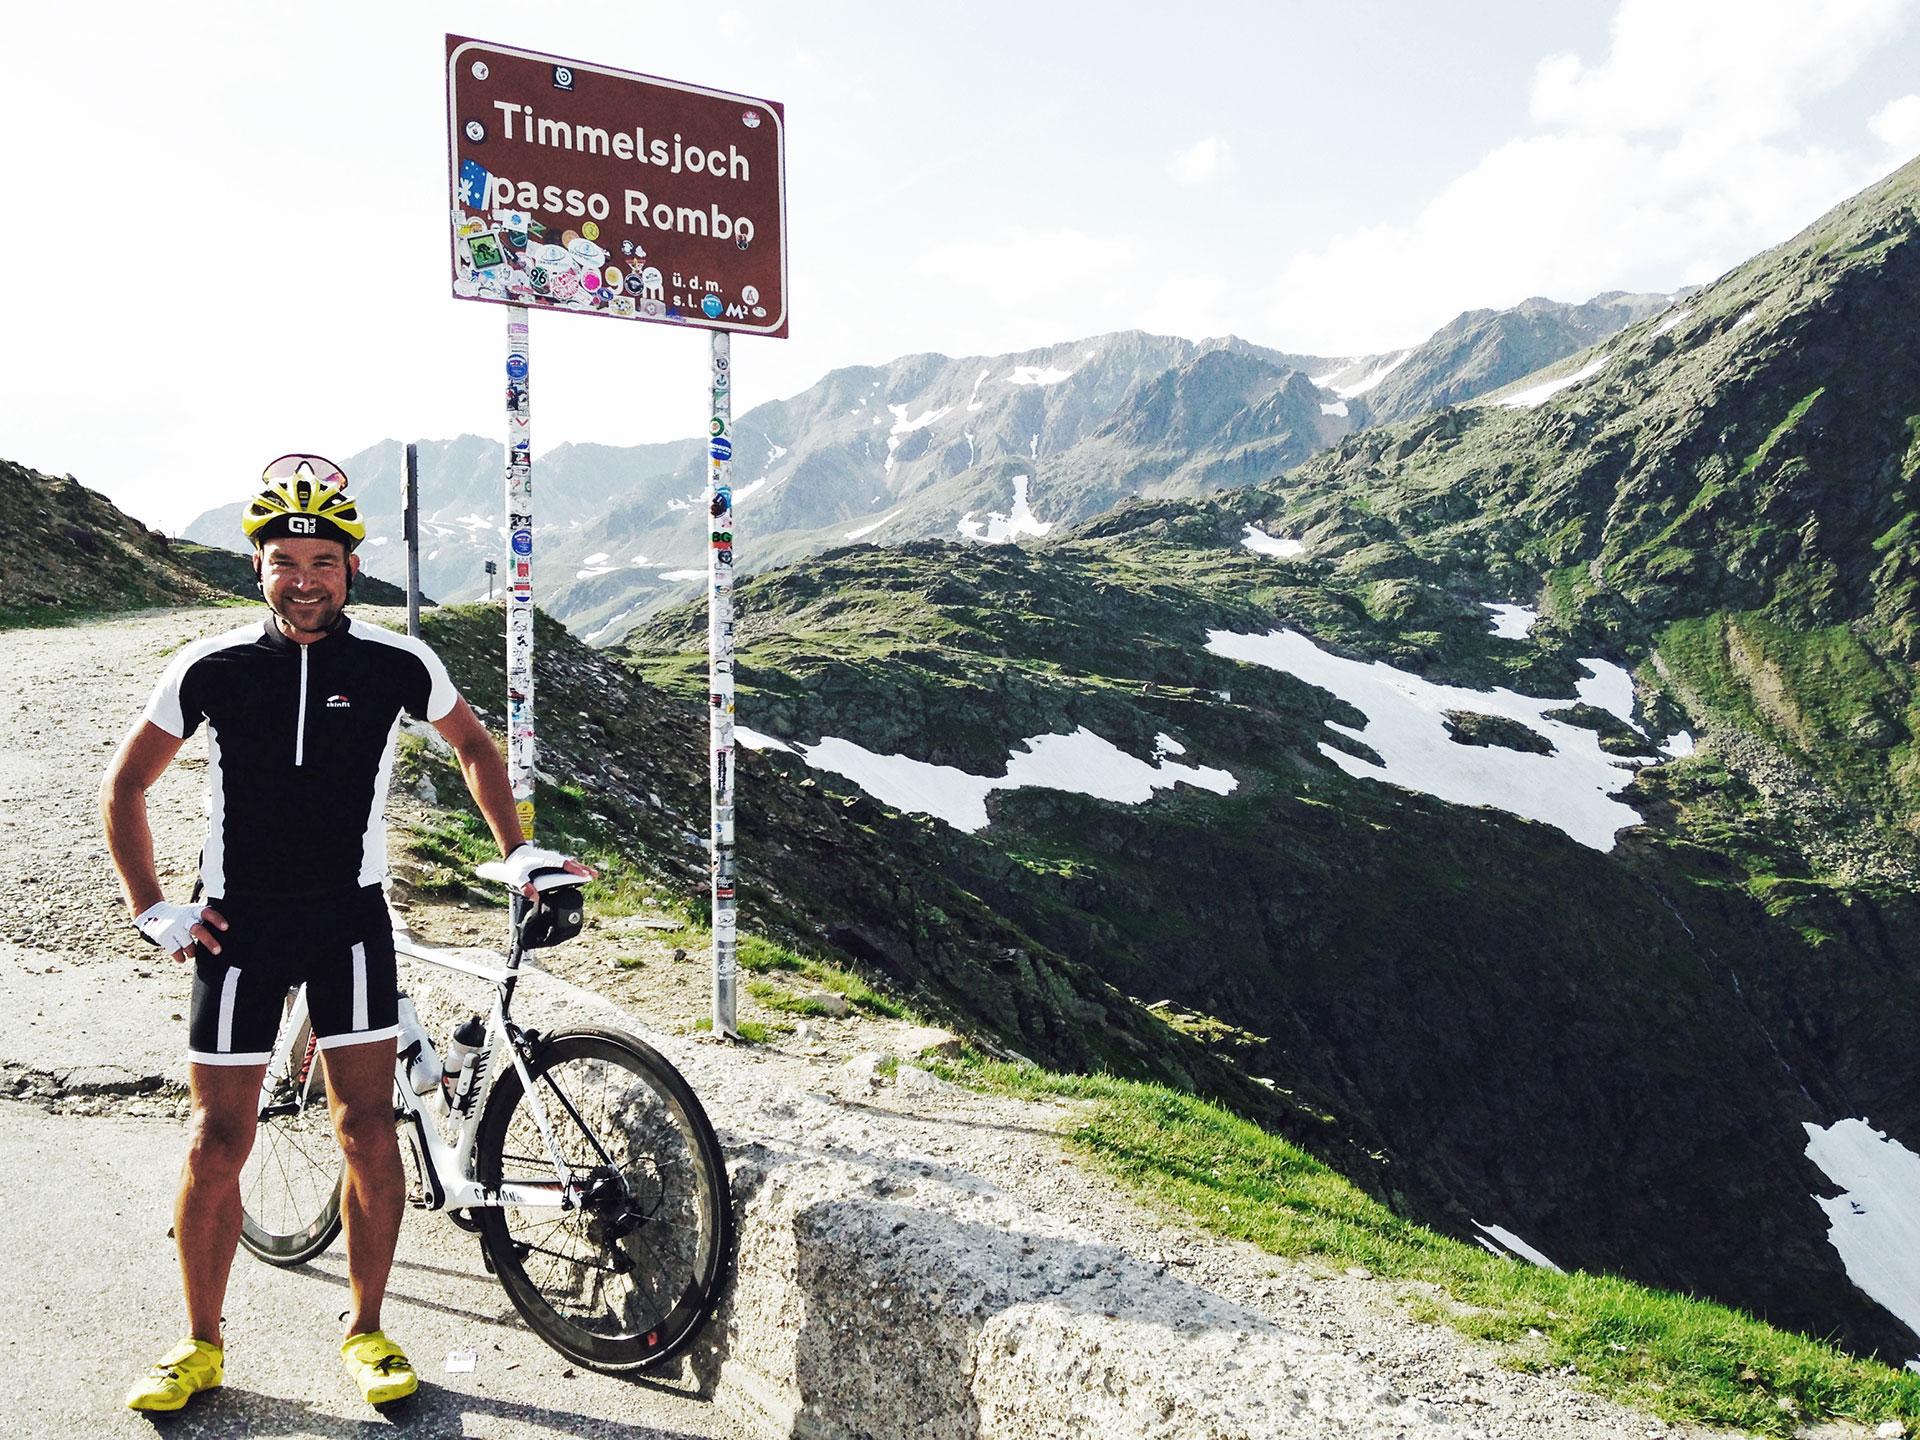 Der Höhepunkt der Tour und der lange Anstieg von St. Leonhard hinauf zum Timmelsjoch (2.509 m) mit 1820 Höhenmeter, 29 km Länge und 13% maximale Steigung: Der Hammer!